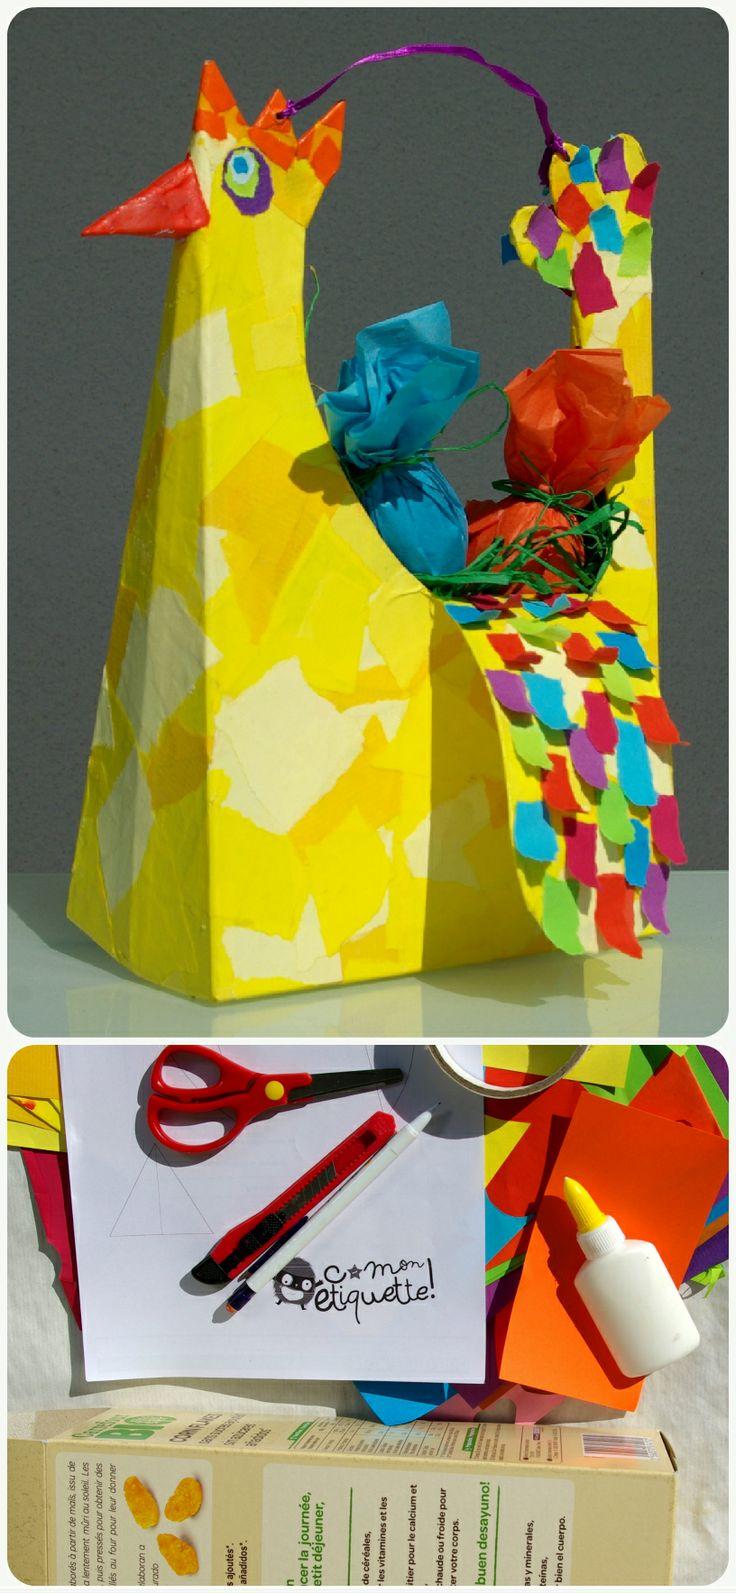 Une boîte de céréales ☞ un panier poule pour ramasser les œufs de Pâques ! Explications ici : www.c-monetiquette.fr/atelier-poule